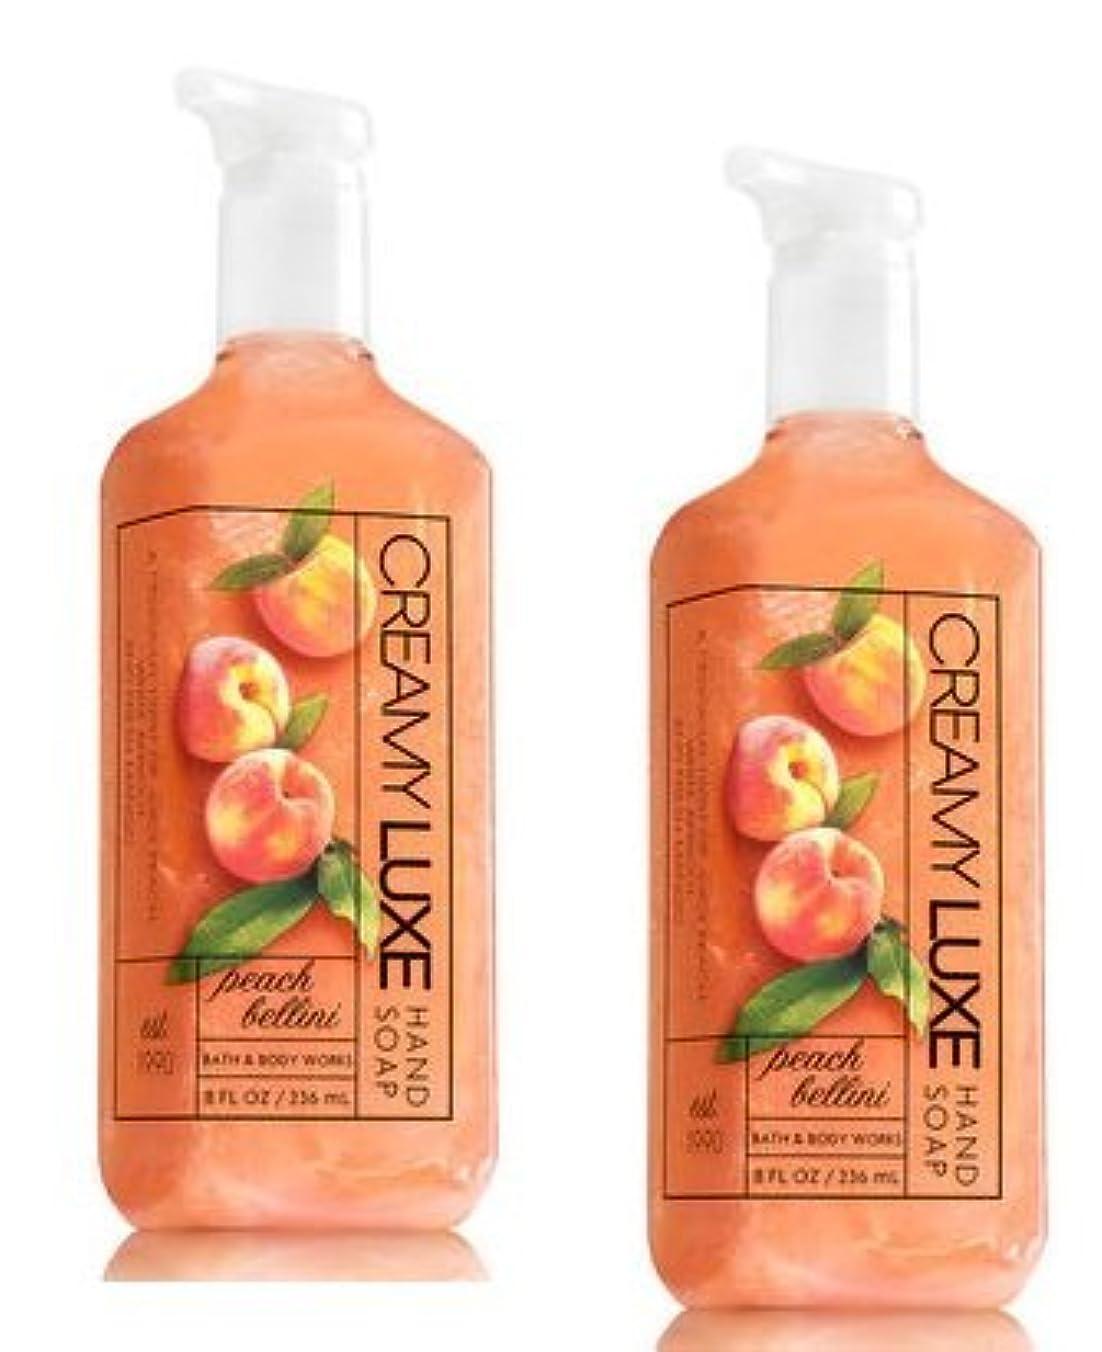 配列必要性病気だと思うBath & Body Works ピーチベリーニ クリーミー リュクス ハンドソープ 2本セット PEACH BELLINI Creamy Luxe Hand Soap. 8 oz 236ml [並行輸入品]